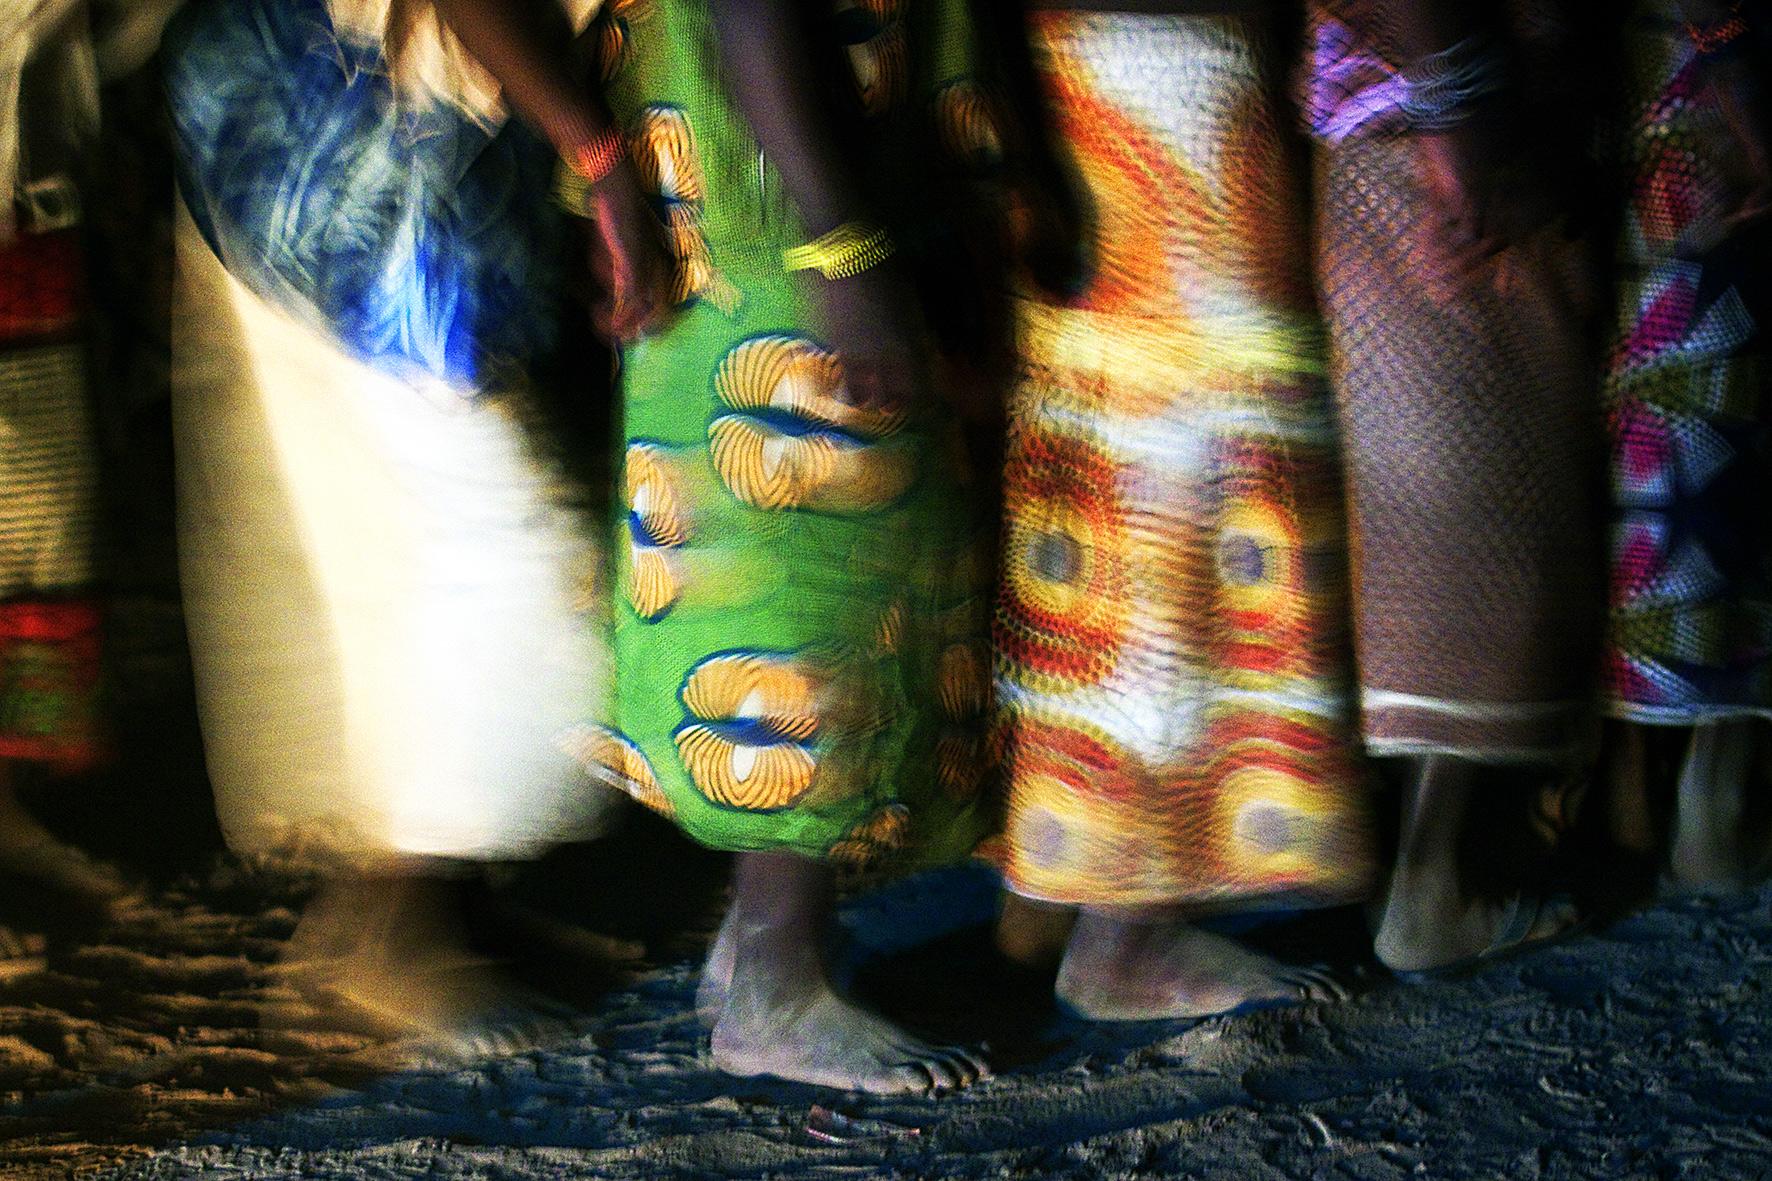 #Afrique 15. Burkina Faso, Banfora. 2010